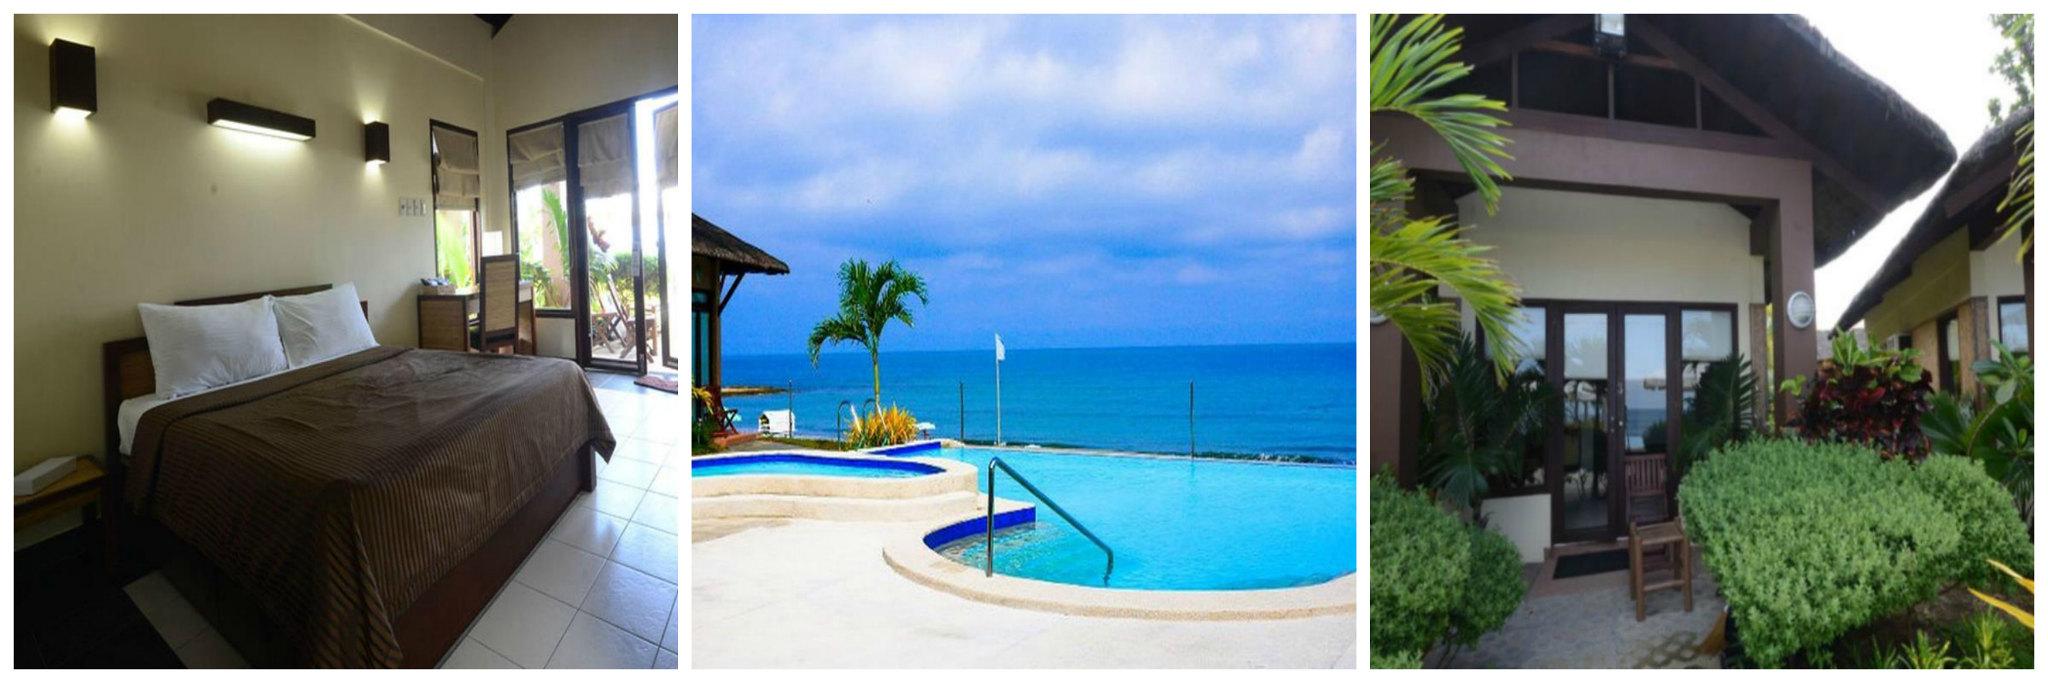 Kahuna Resort La Union Room Rates